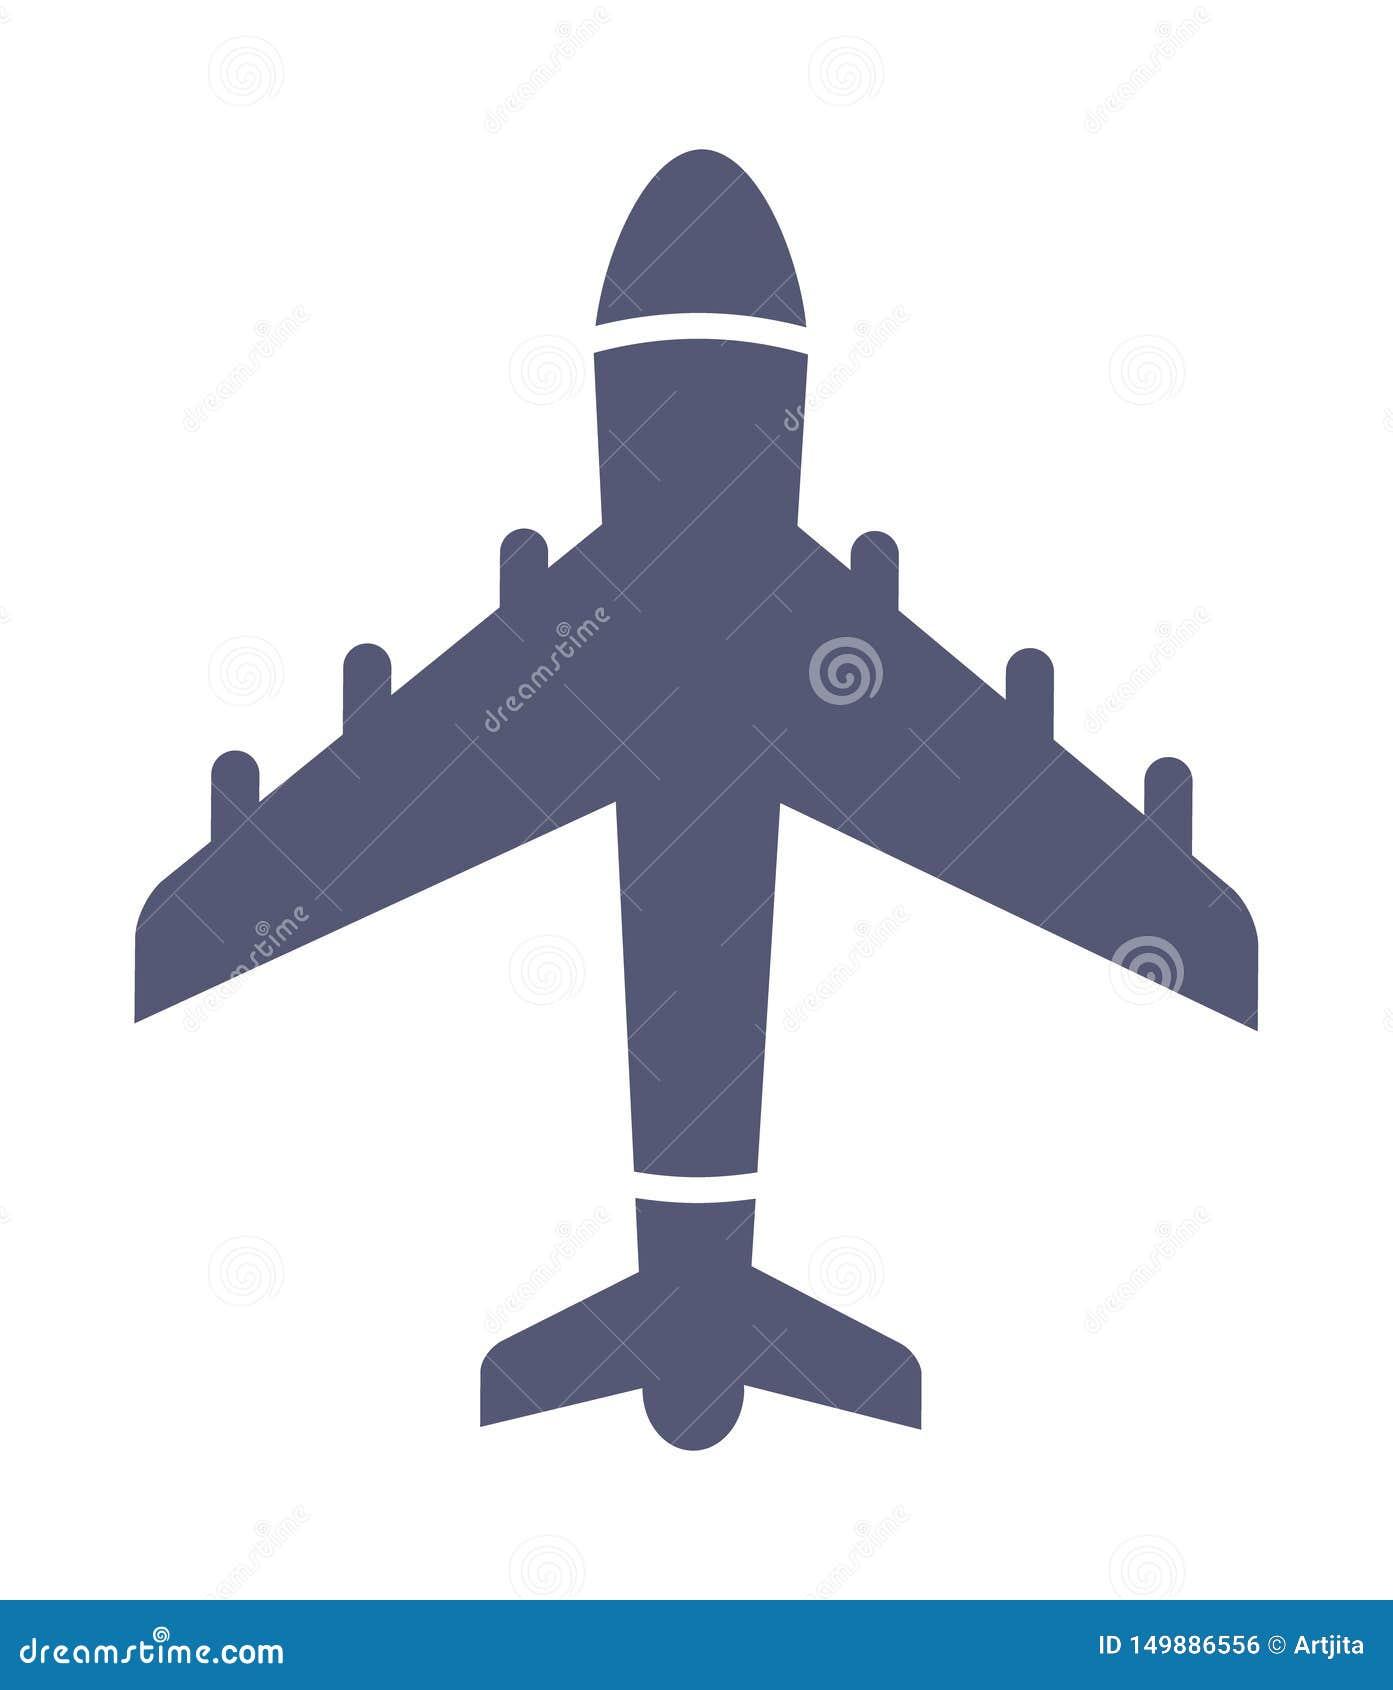 Mörk enkel flygplansymbol i plan stilvektor